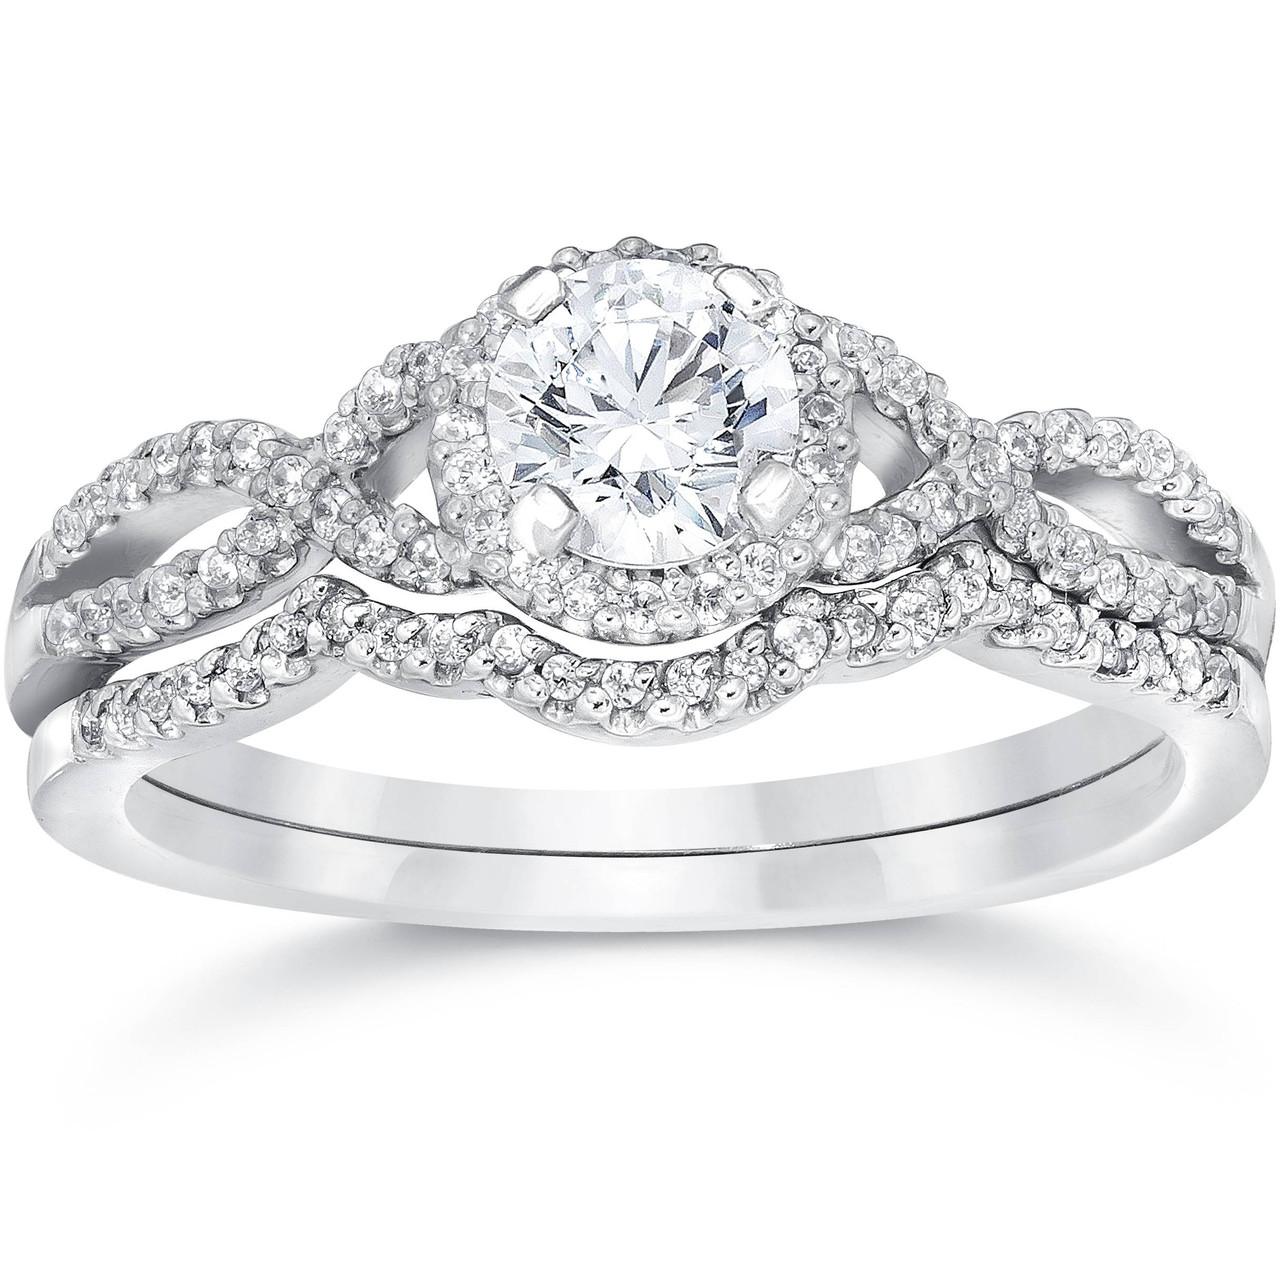 Wedding Rings Sets.3 4ct Diamond Infinity Engagement Wedding Ring Set 14k White Gold G H I1 I2